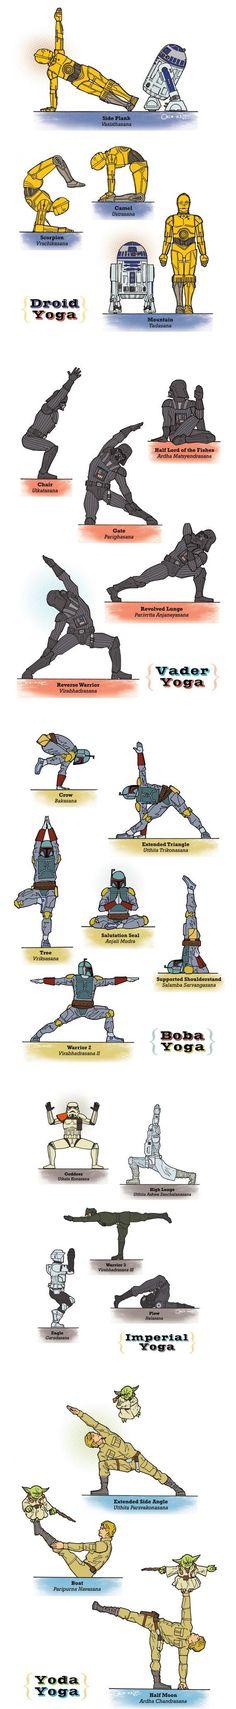 Star Wars Yoga by Rob Osborne: Here is a link http://www.etsy.com/shop/RobOsborne #Illustration #Yoga #Star_Wars